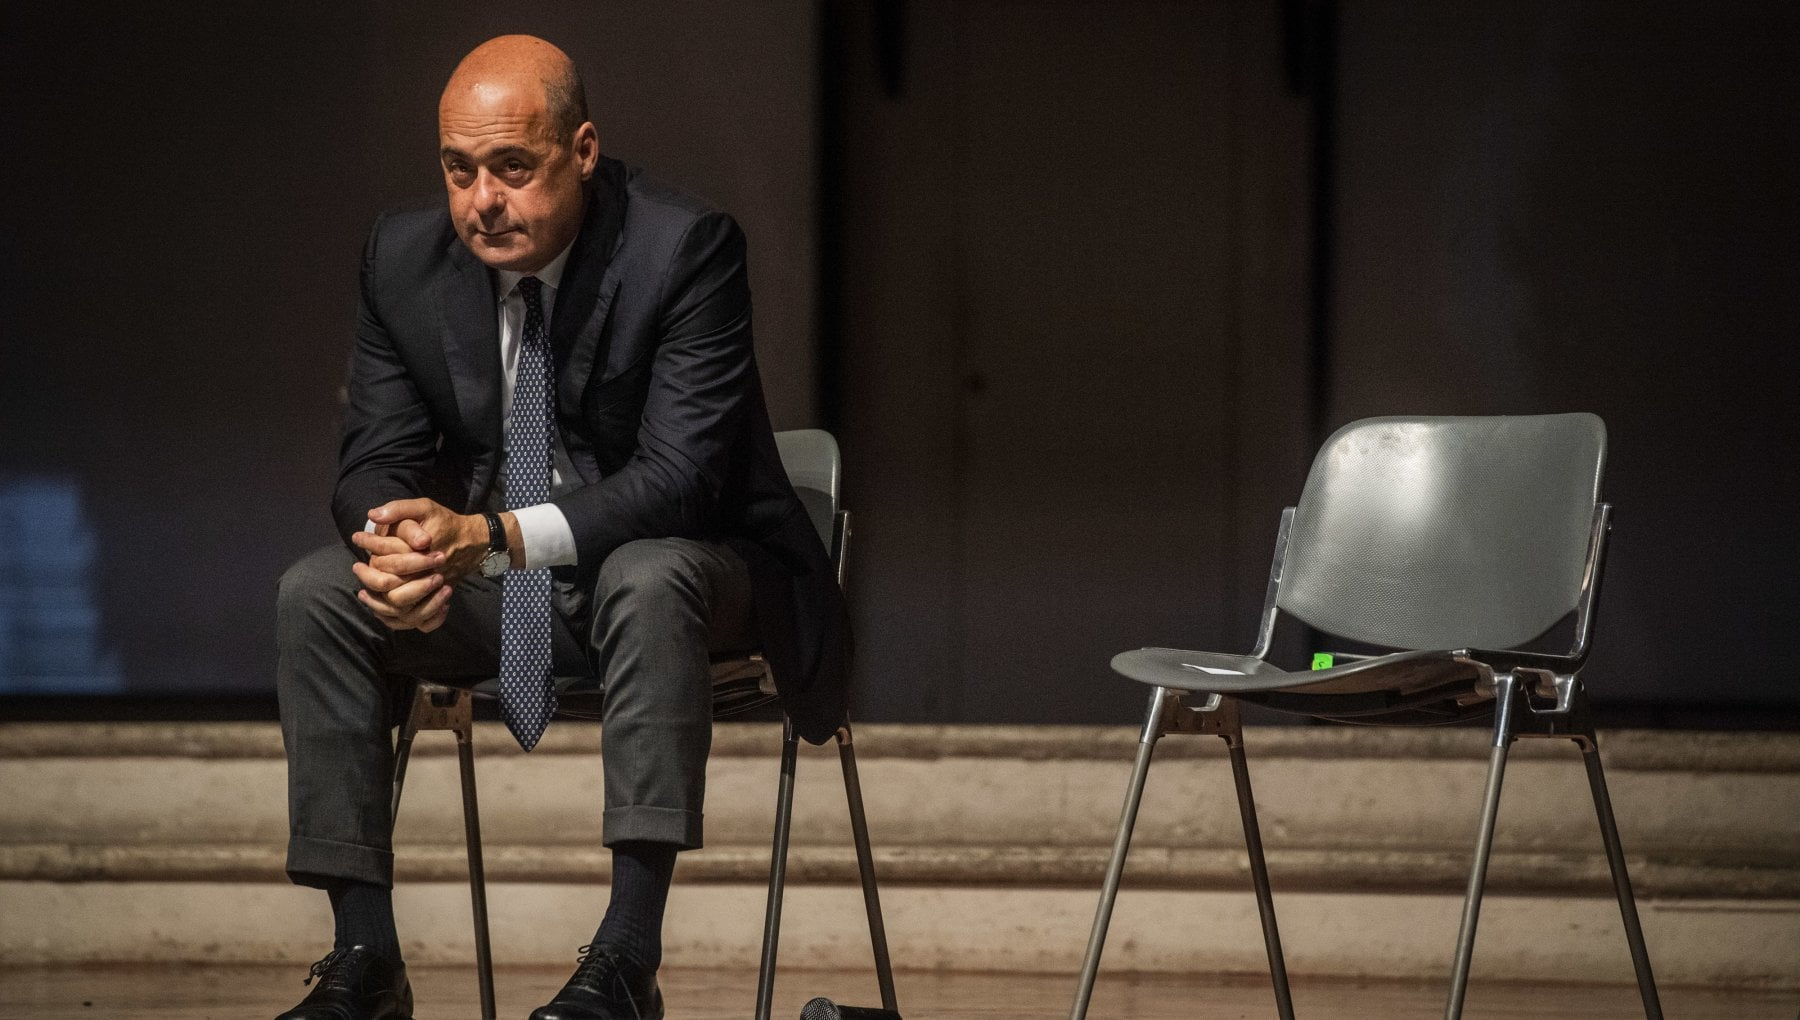 """Zingaretti si dimette da segretario Pd: """"Nel partito si parla solo di poltrone, mi vergogno"""". Dai dem il coro: """"Ripensaci"""". Il sostegno di Conte"""